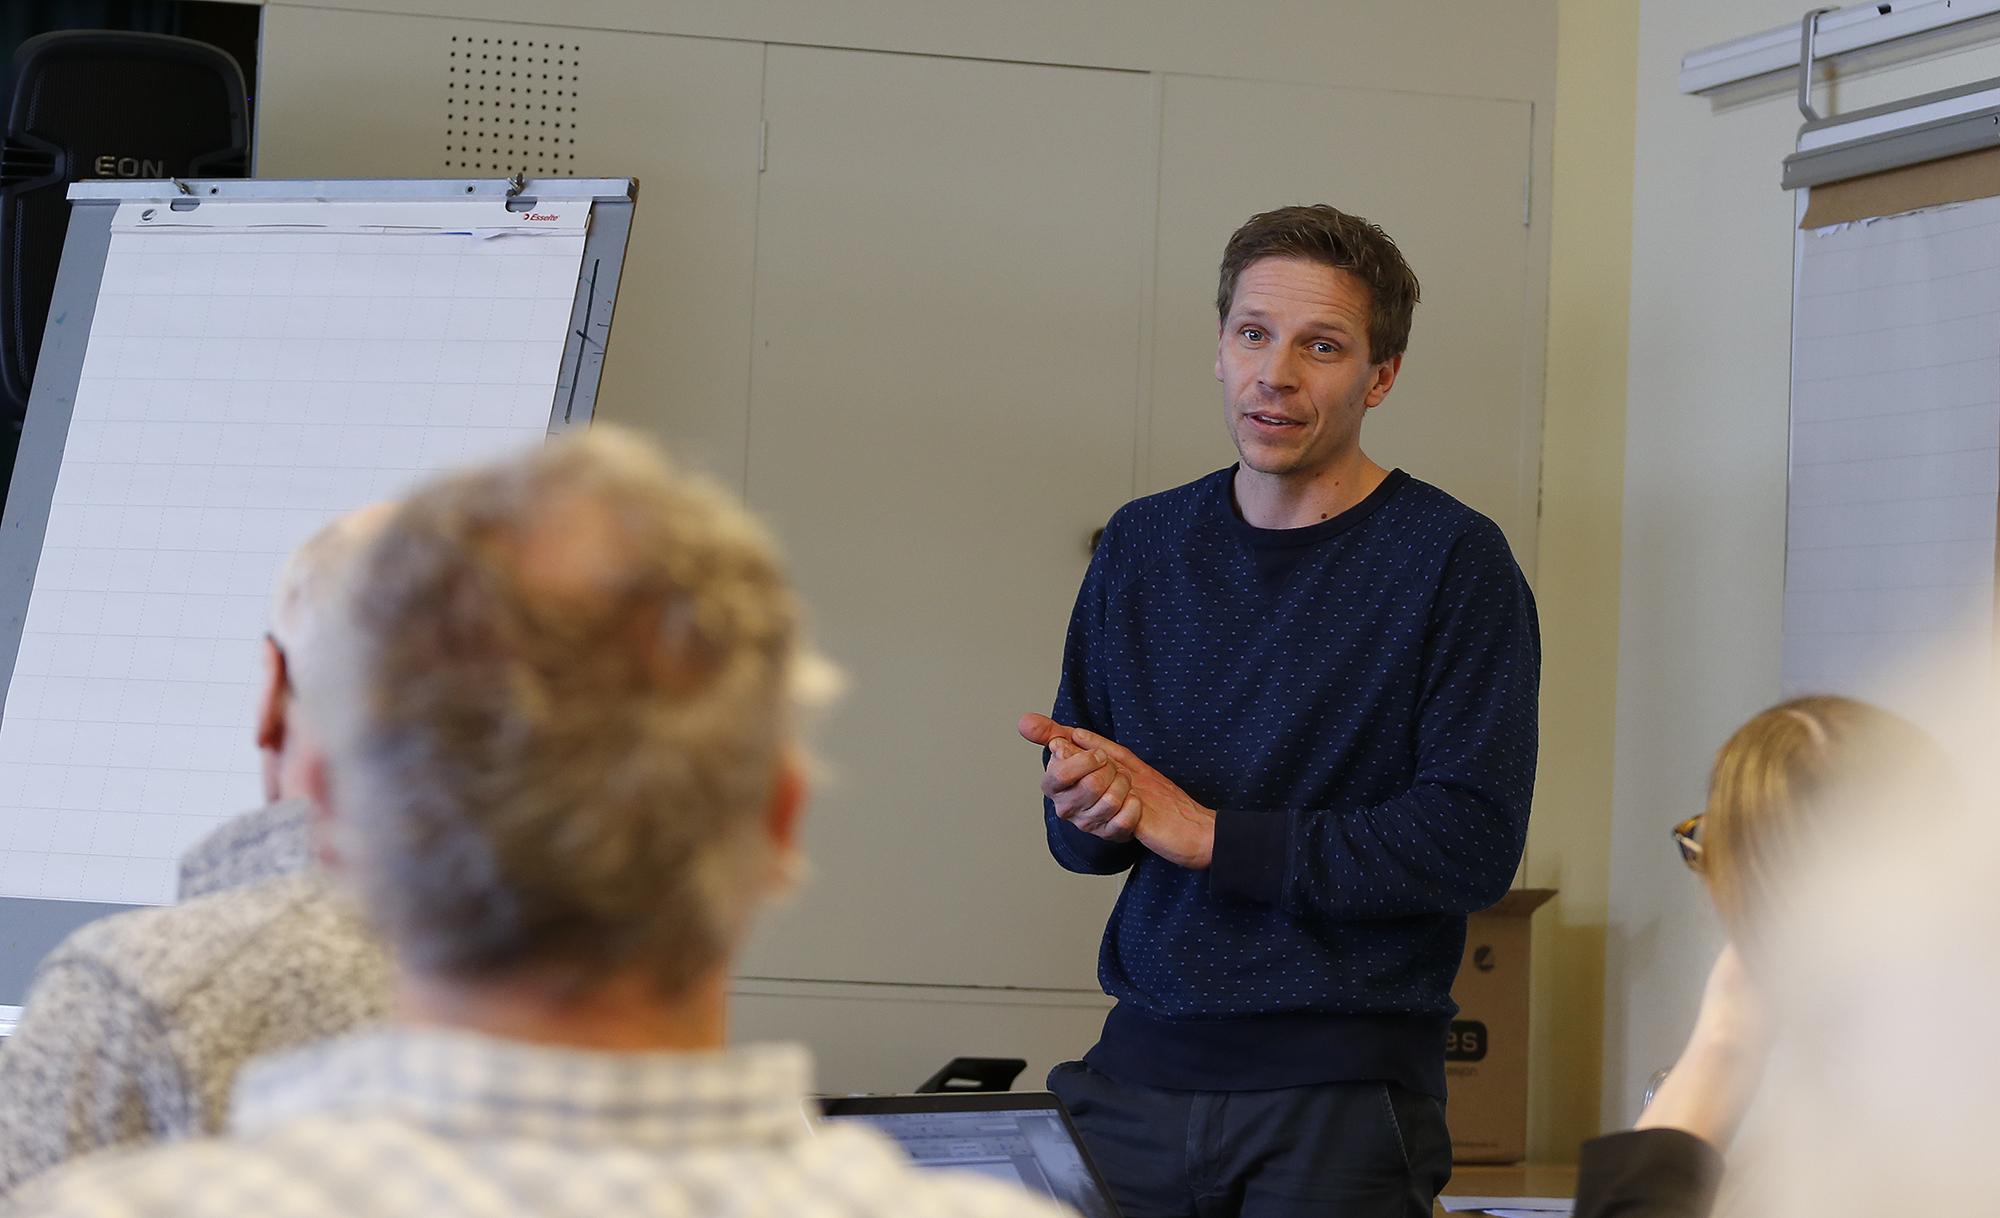 Morten Aas er rådgiver i Oppland fylkeskommune og prosjektleder for prosjektet. Foto: Anders Mossing